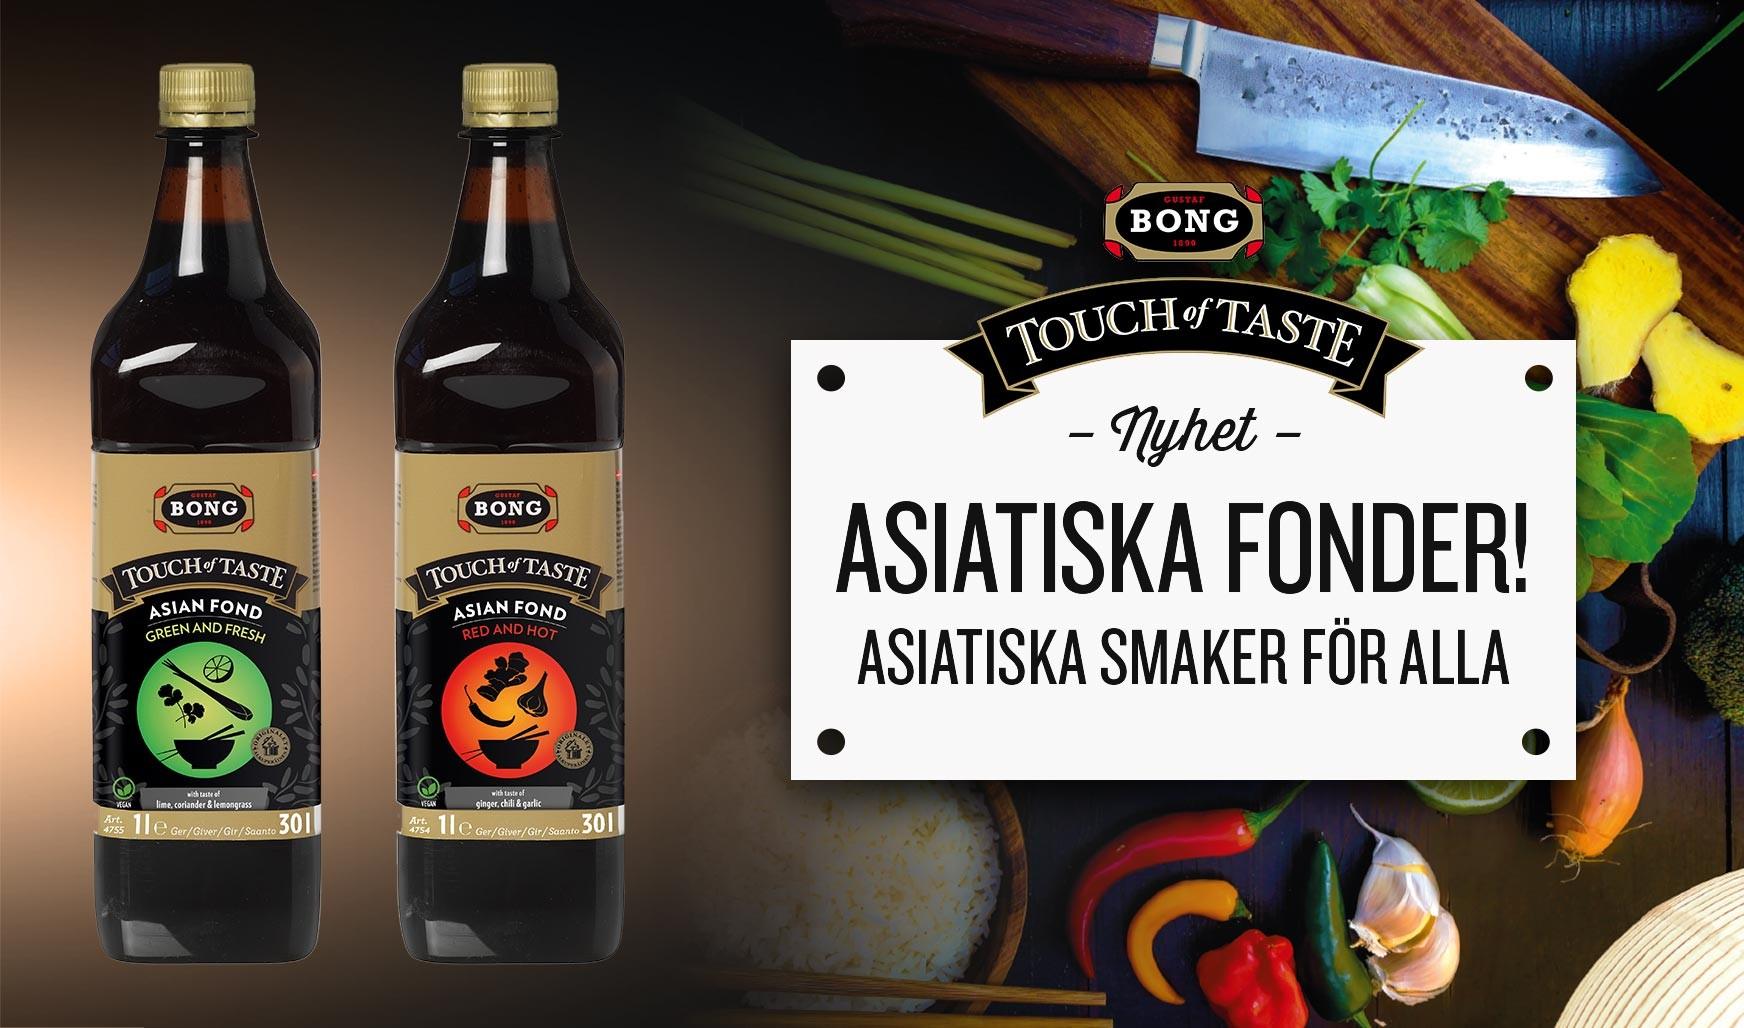 Ny asiatisk fond från Bong